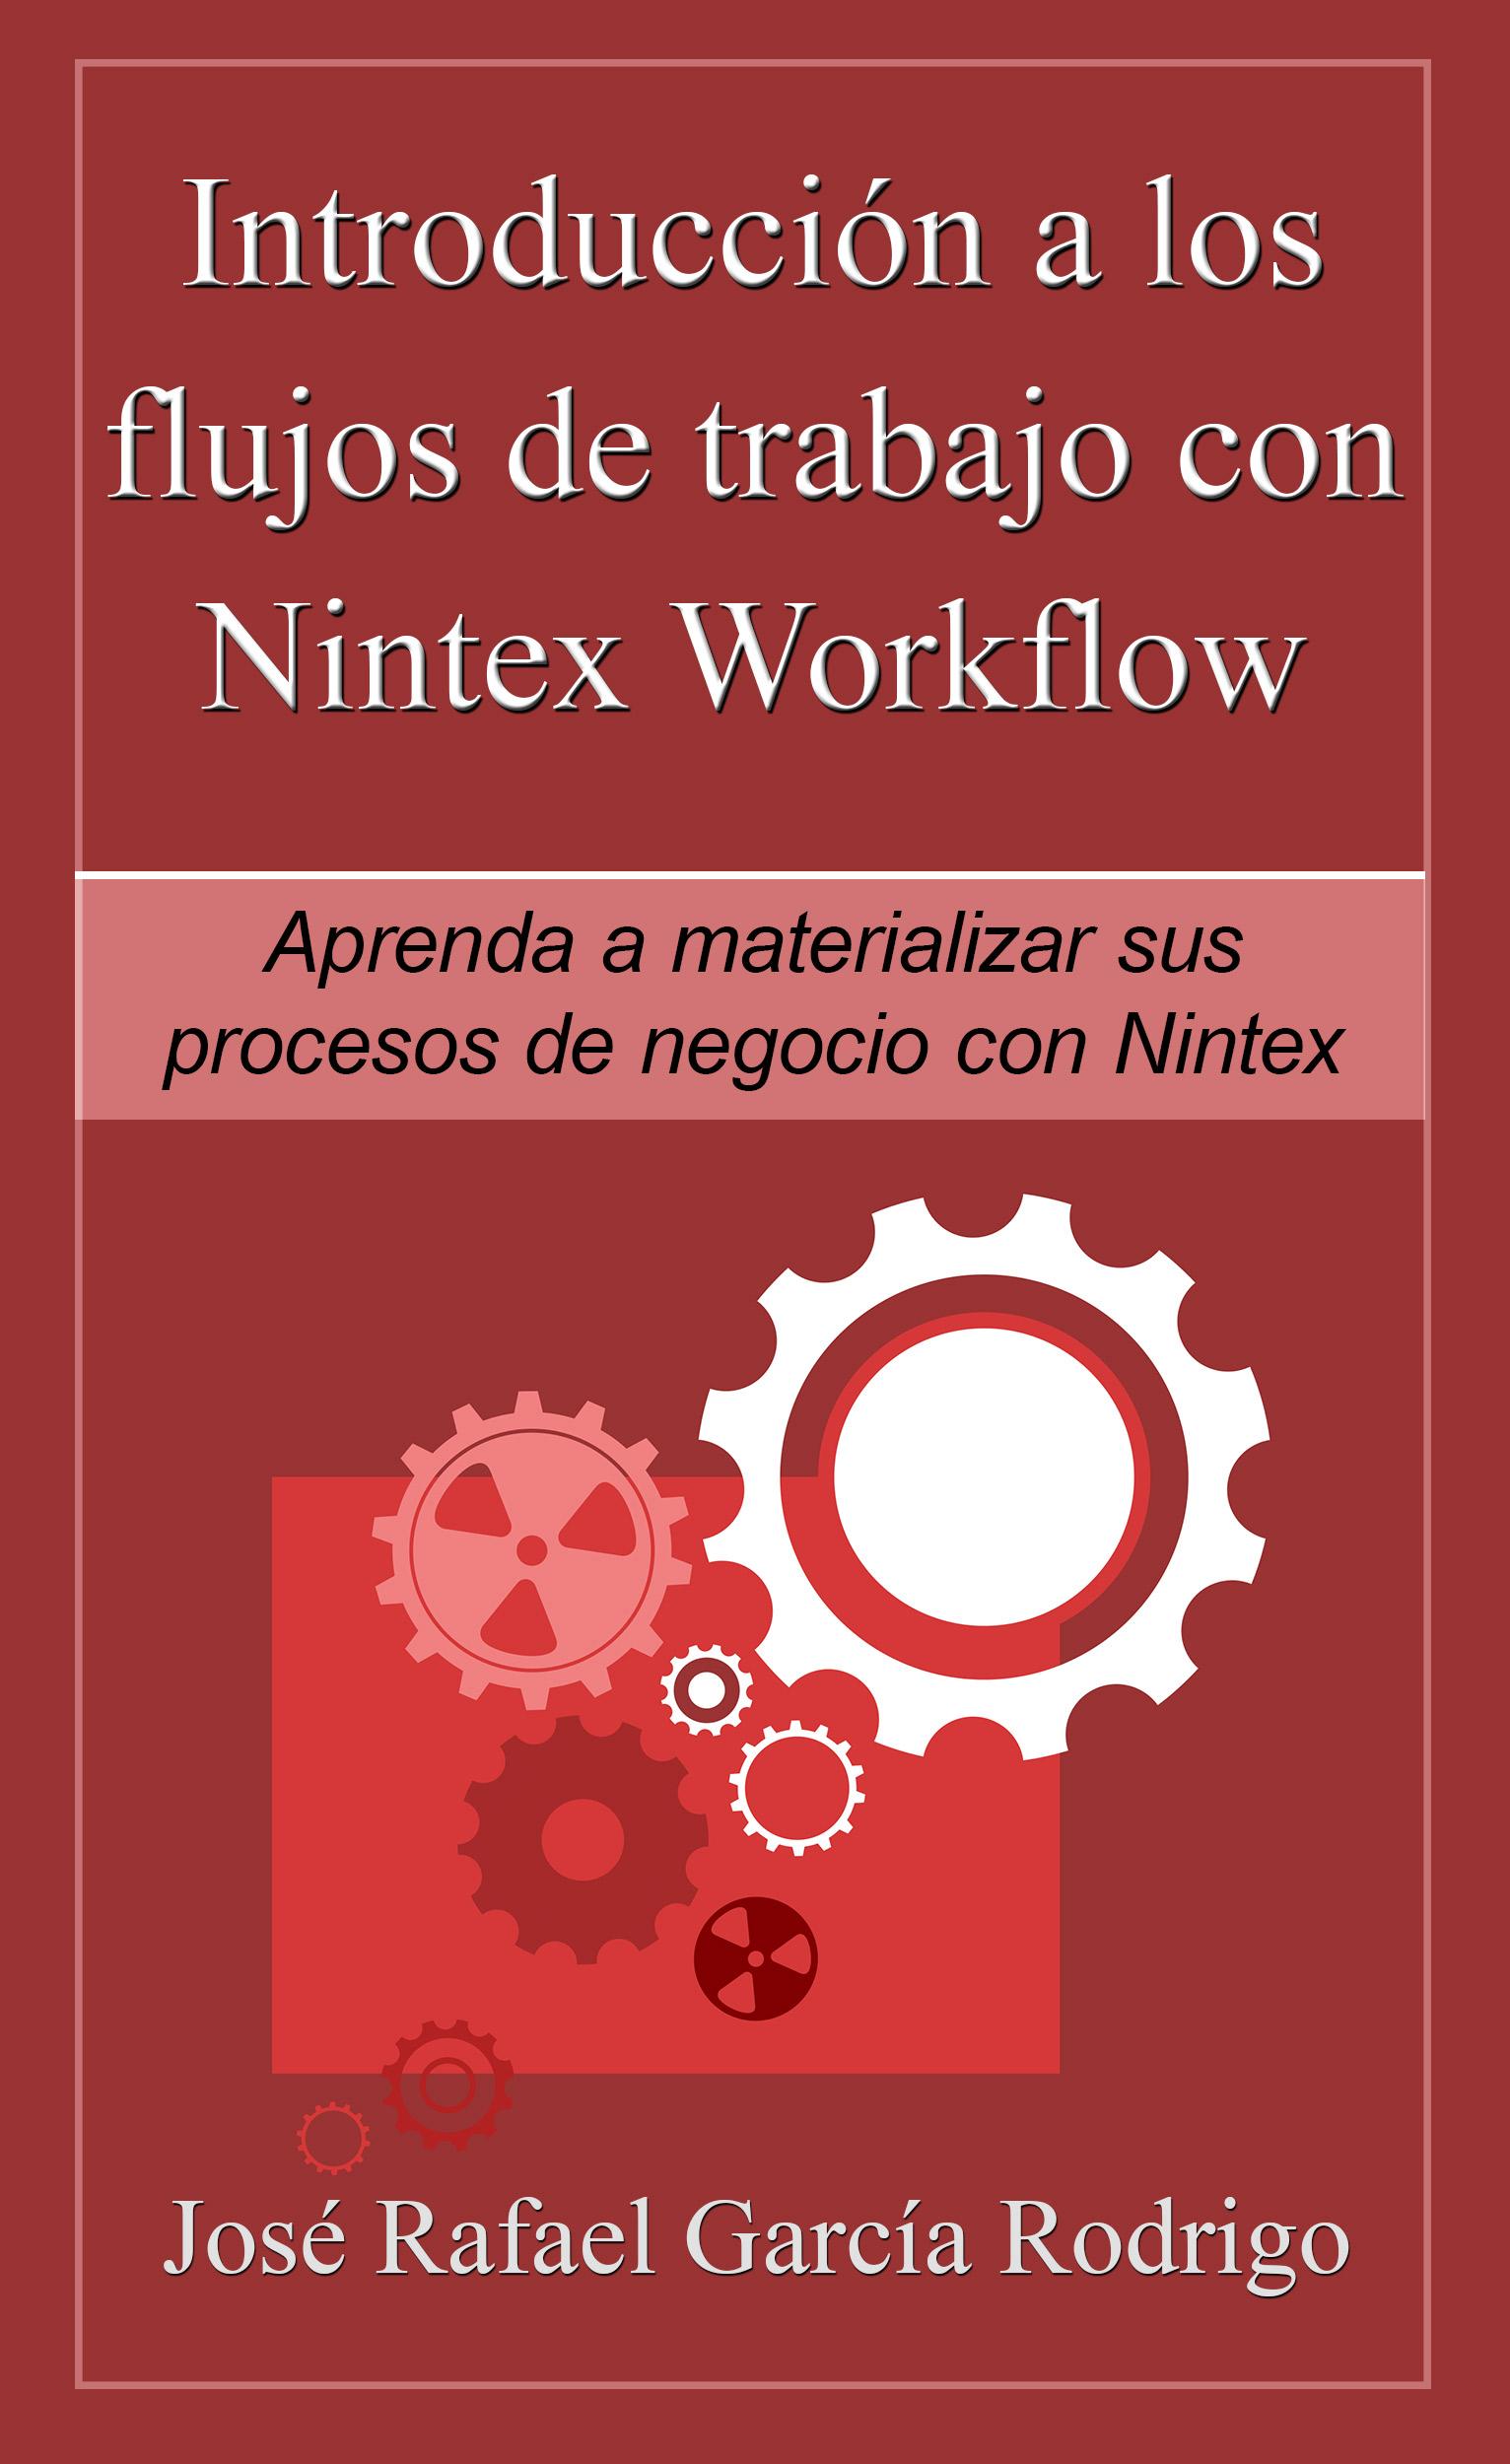 Introducción a los flujos de trabajo con Nintex Workflow